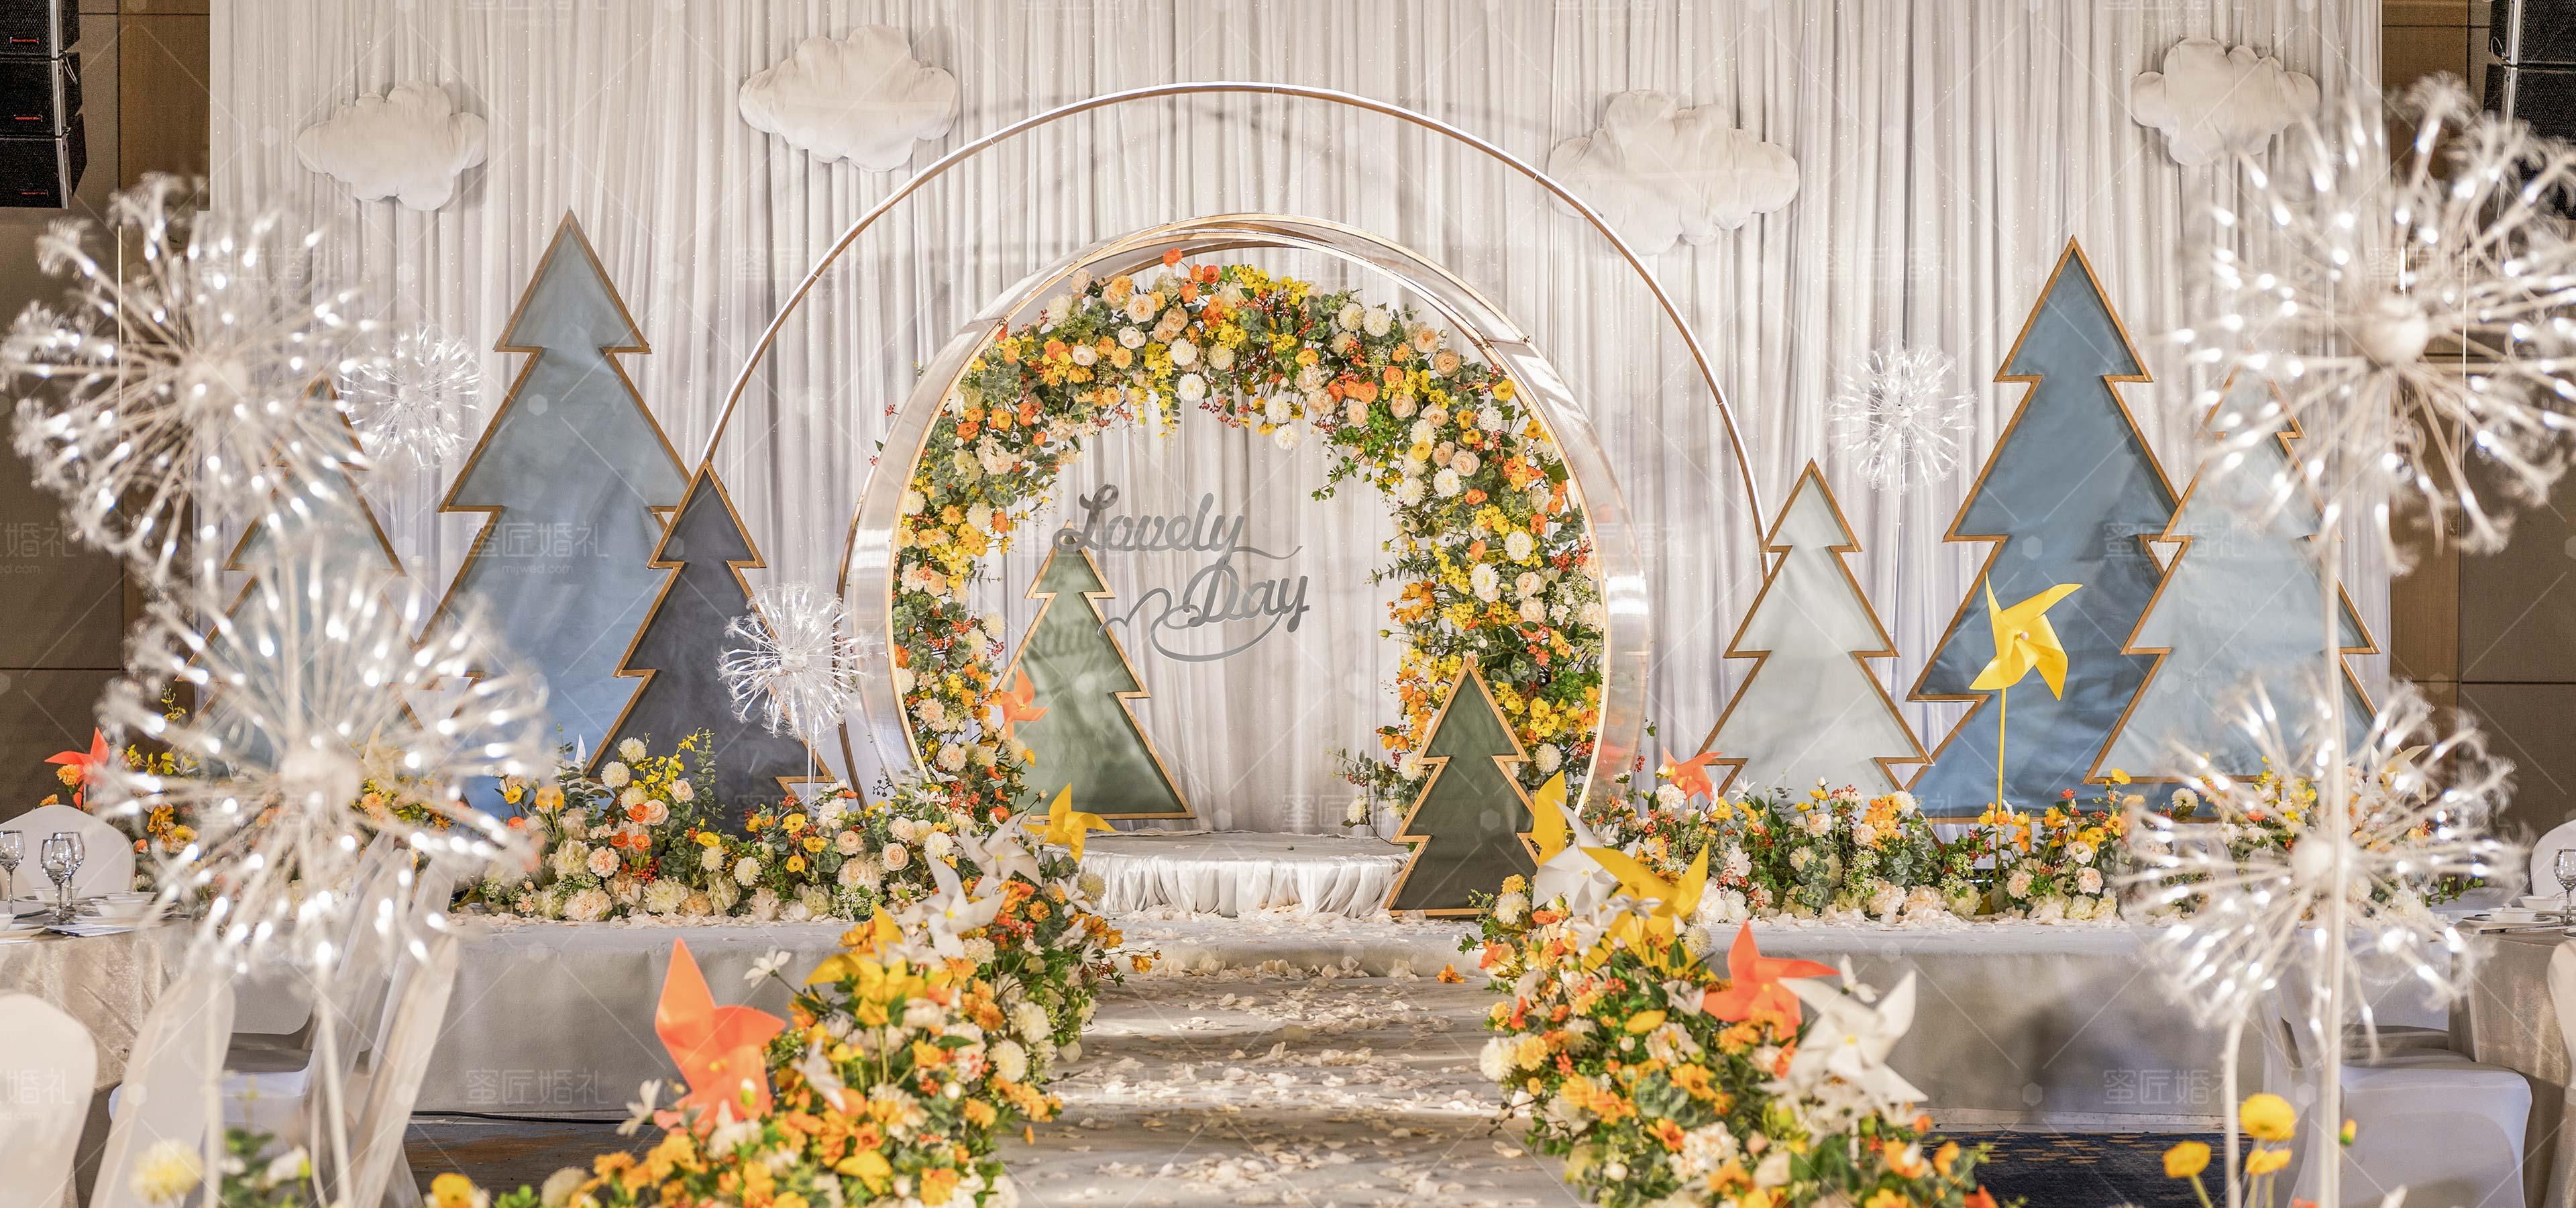 兴义婚礼策划方案:如风1